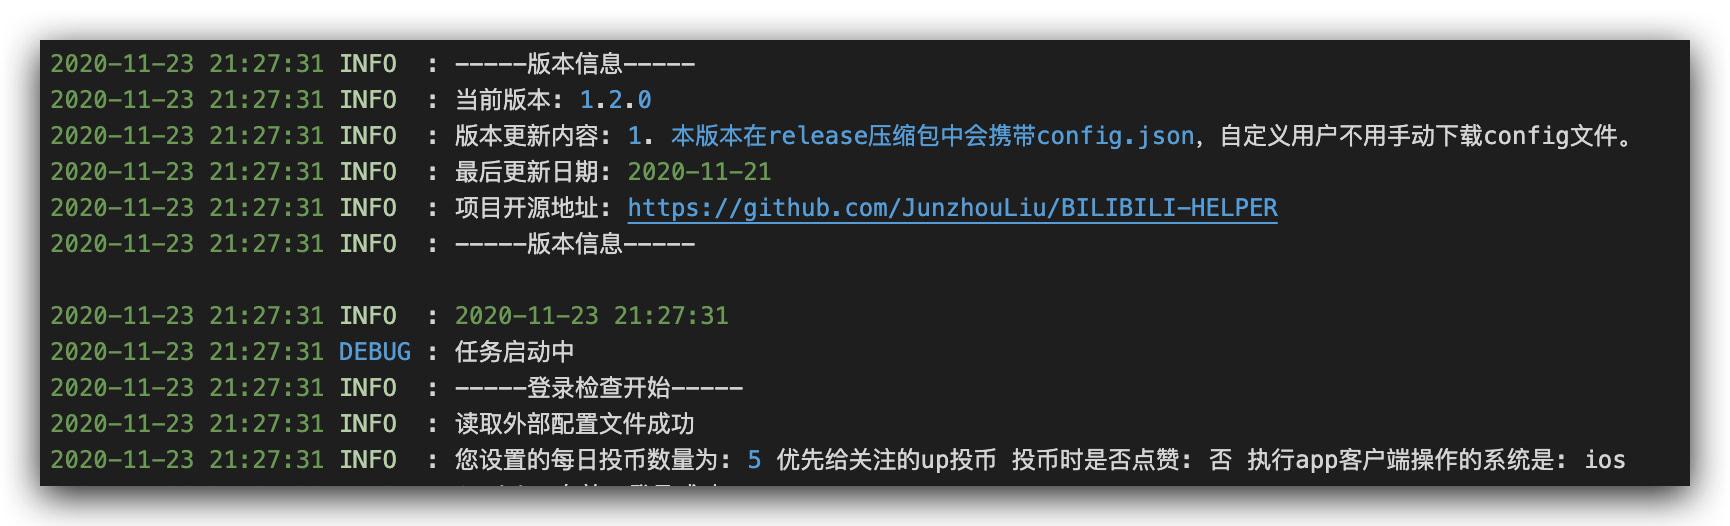 Xnip2020-11-23_21-27-51